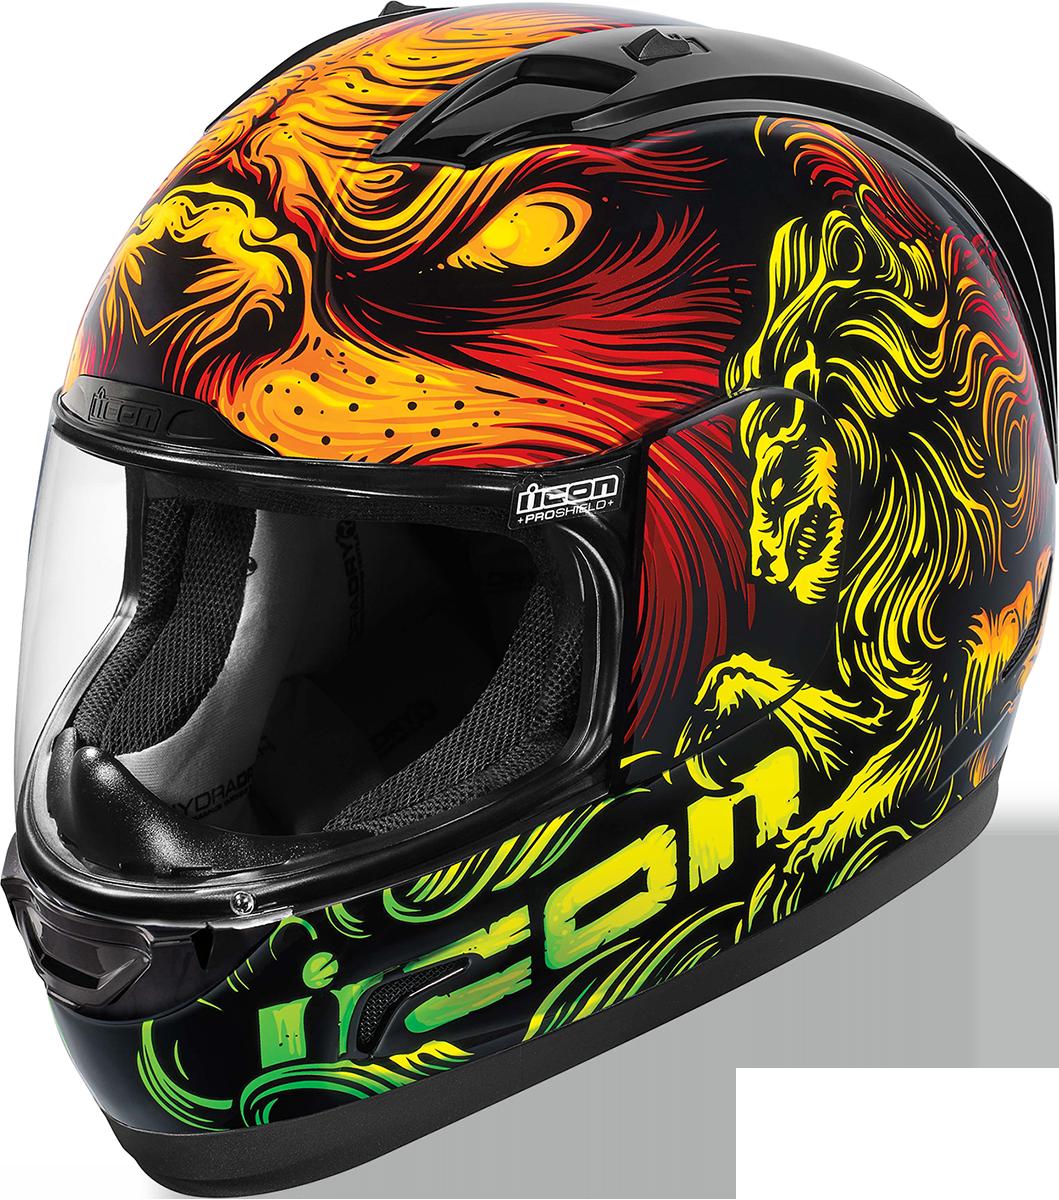 Motorcycle png image moto. Helmet clipart motorbike helmet